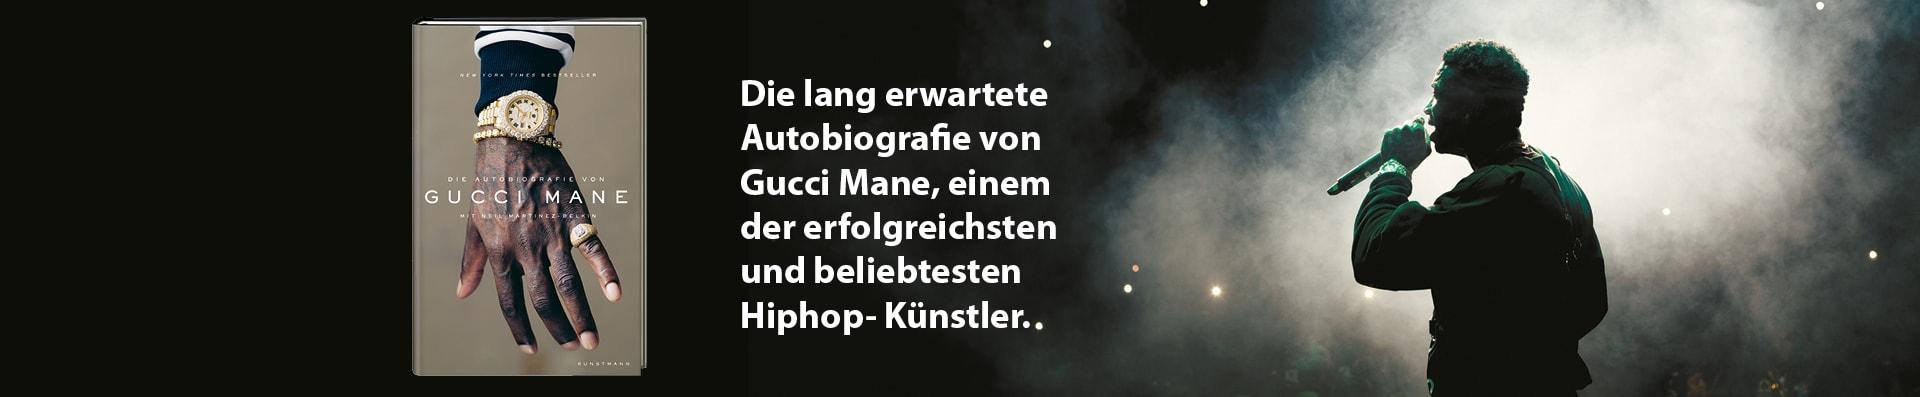 Gucci Mane – Die Autobiografie von Gucci Mane